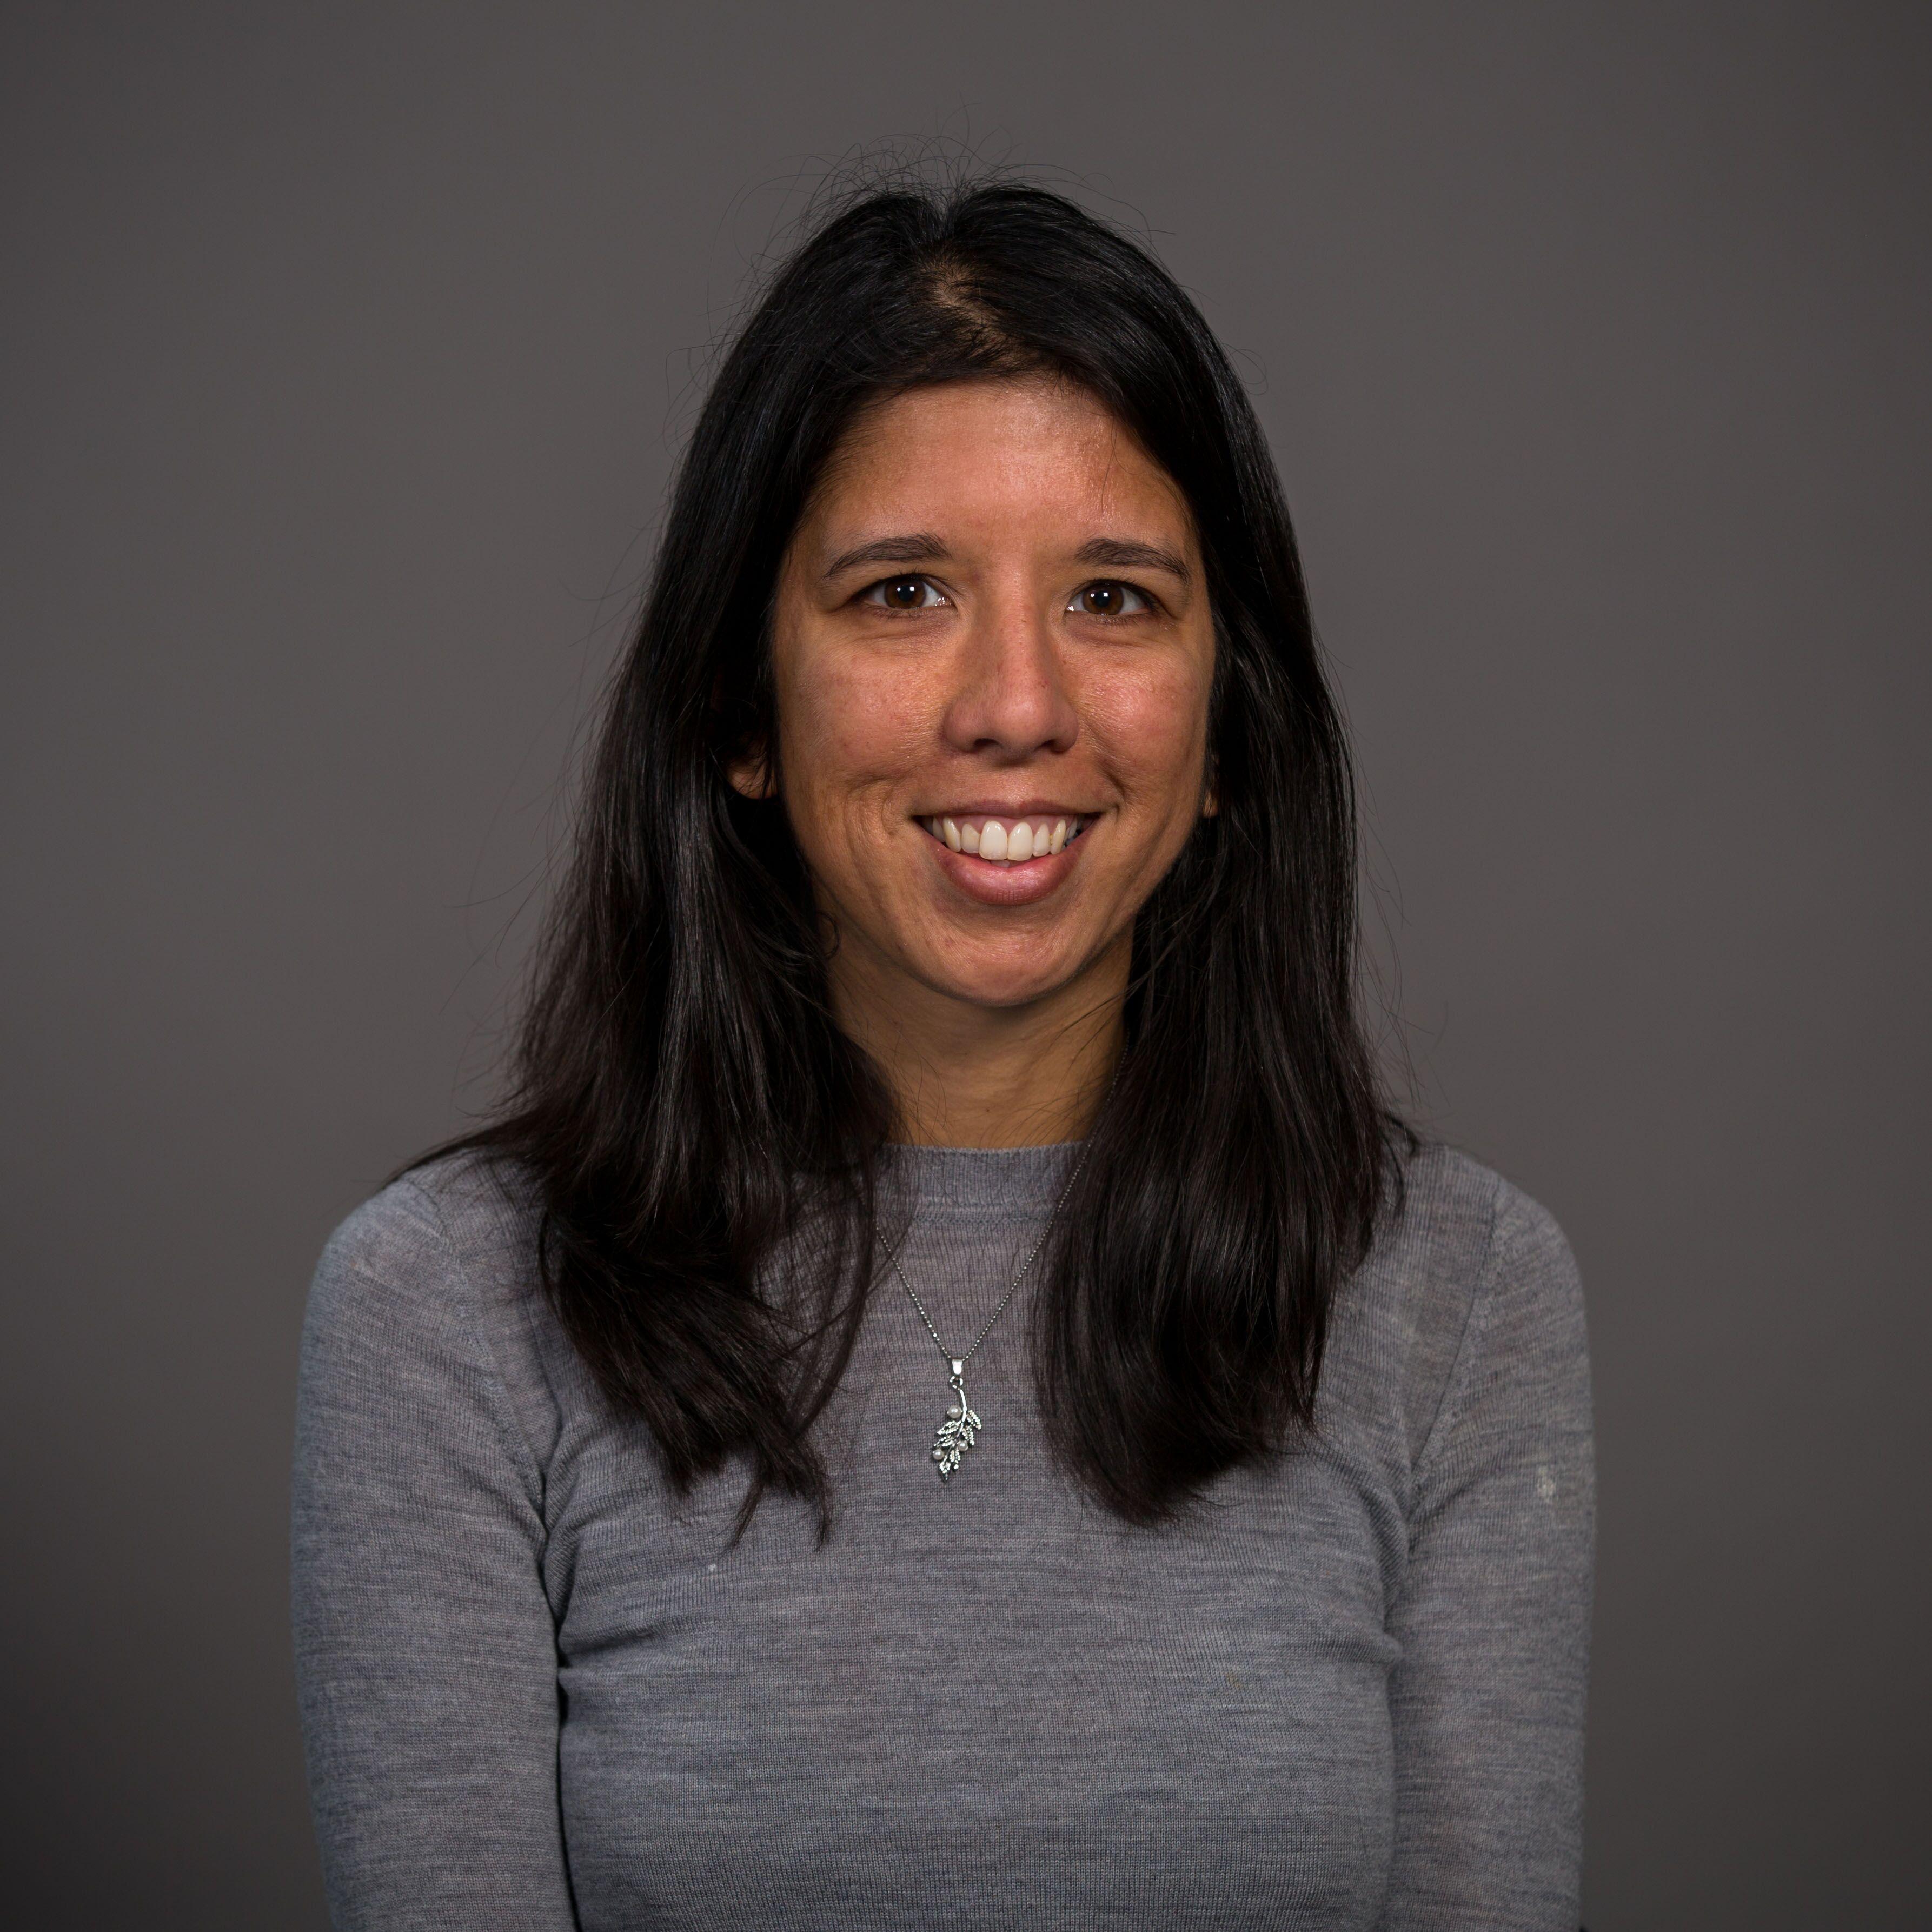 Sunita Headshot 2